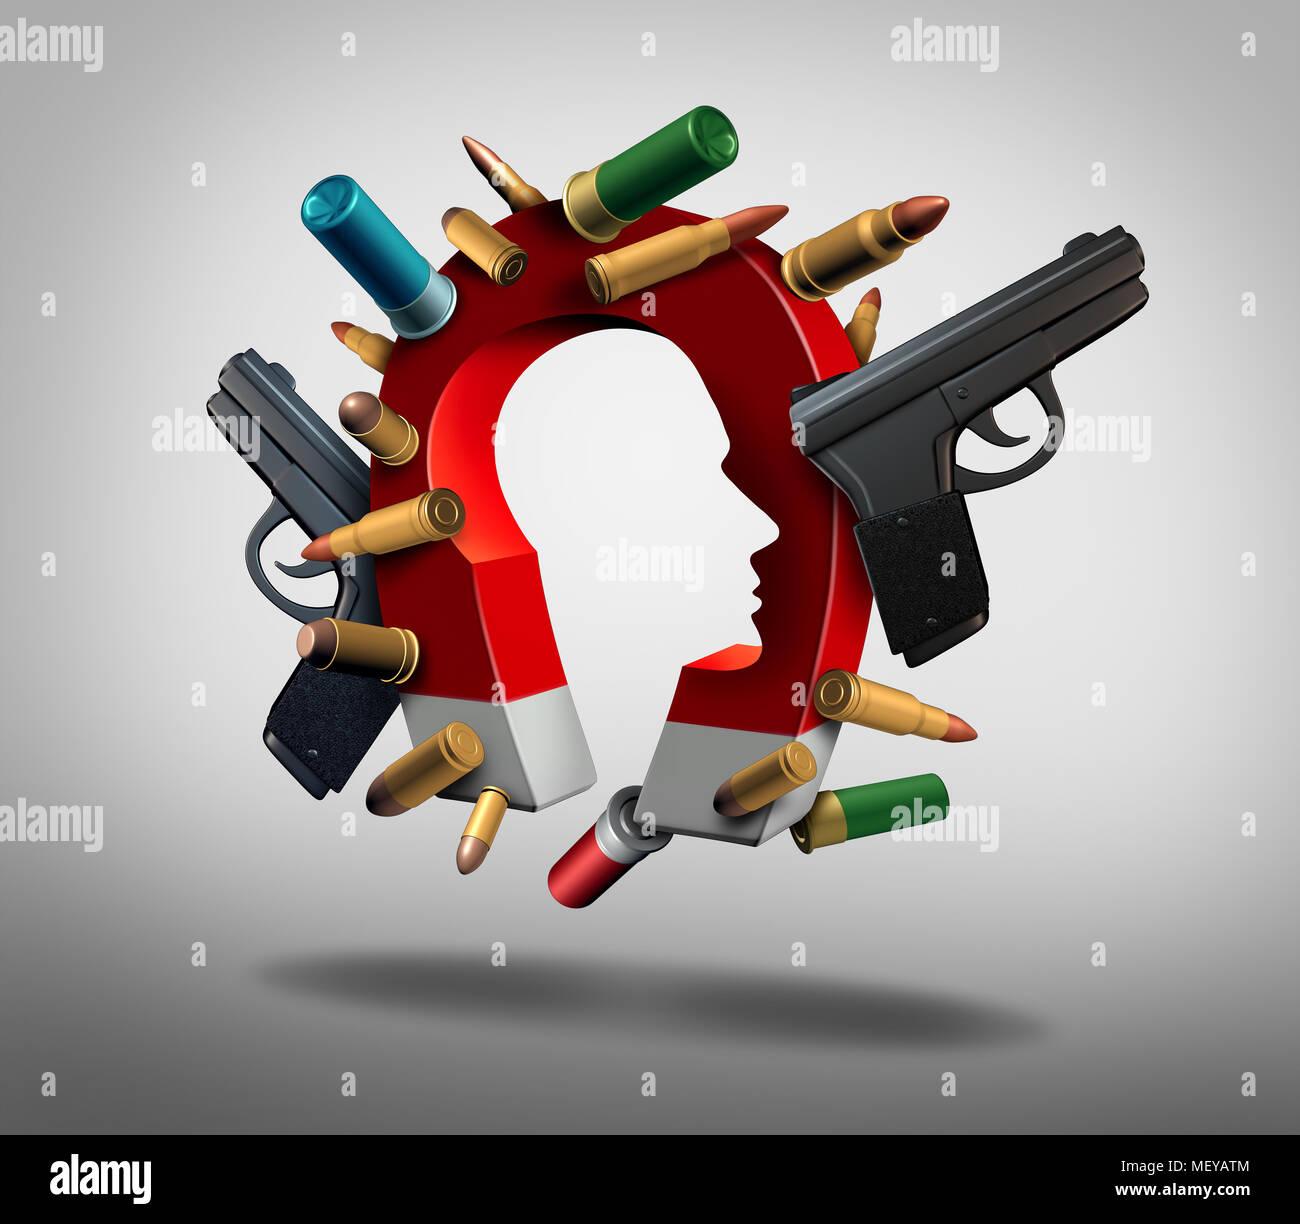 Anziehung zu Gewehren und sozialen oder gesellschaftlichen Fragen der Sicherheit in Bezug auf die Psychologie des Menschen und Feuerwaffen und gun Kultur als eine 3D-Darstellung. Stockbild